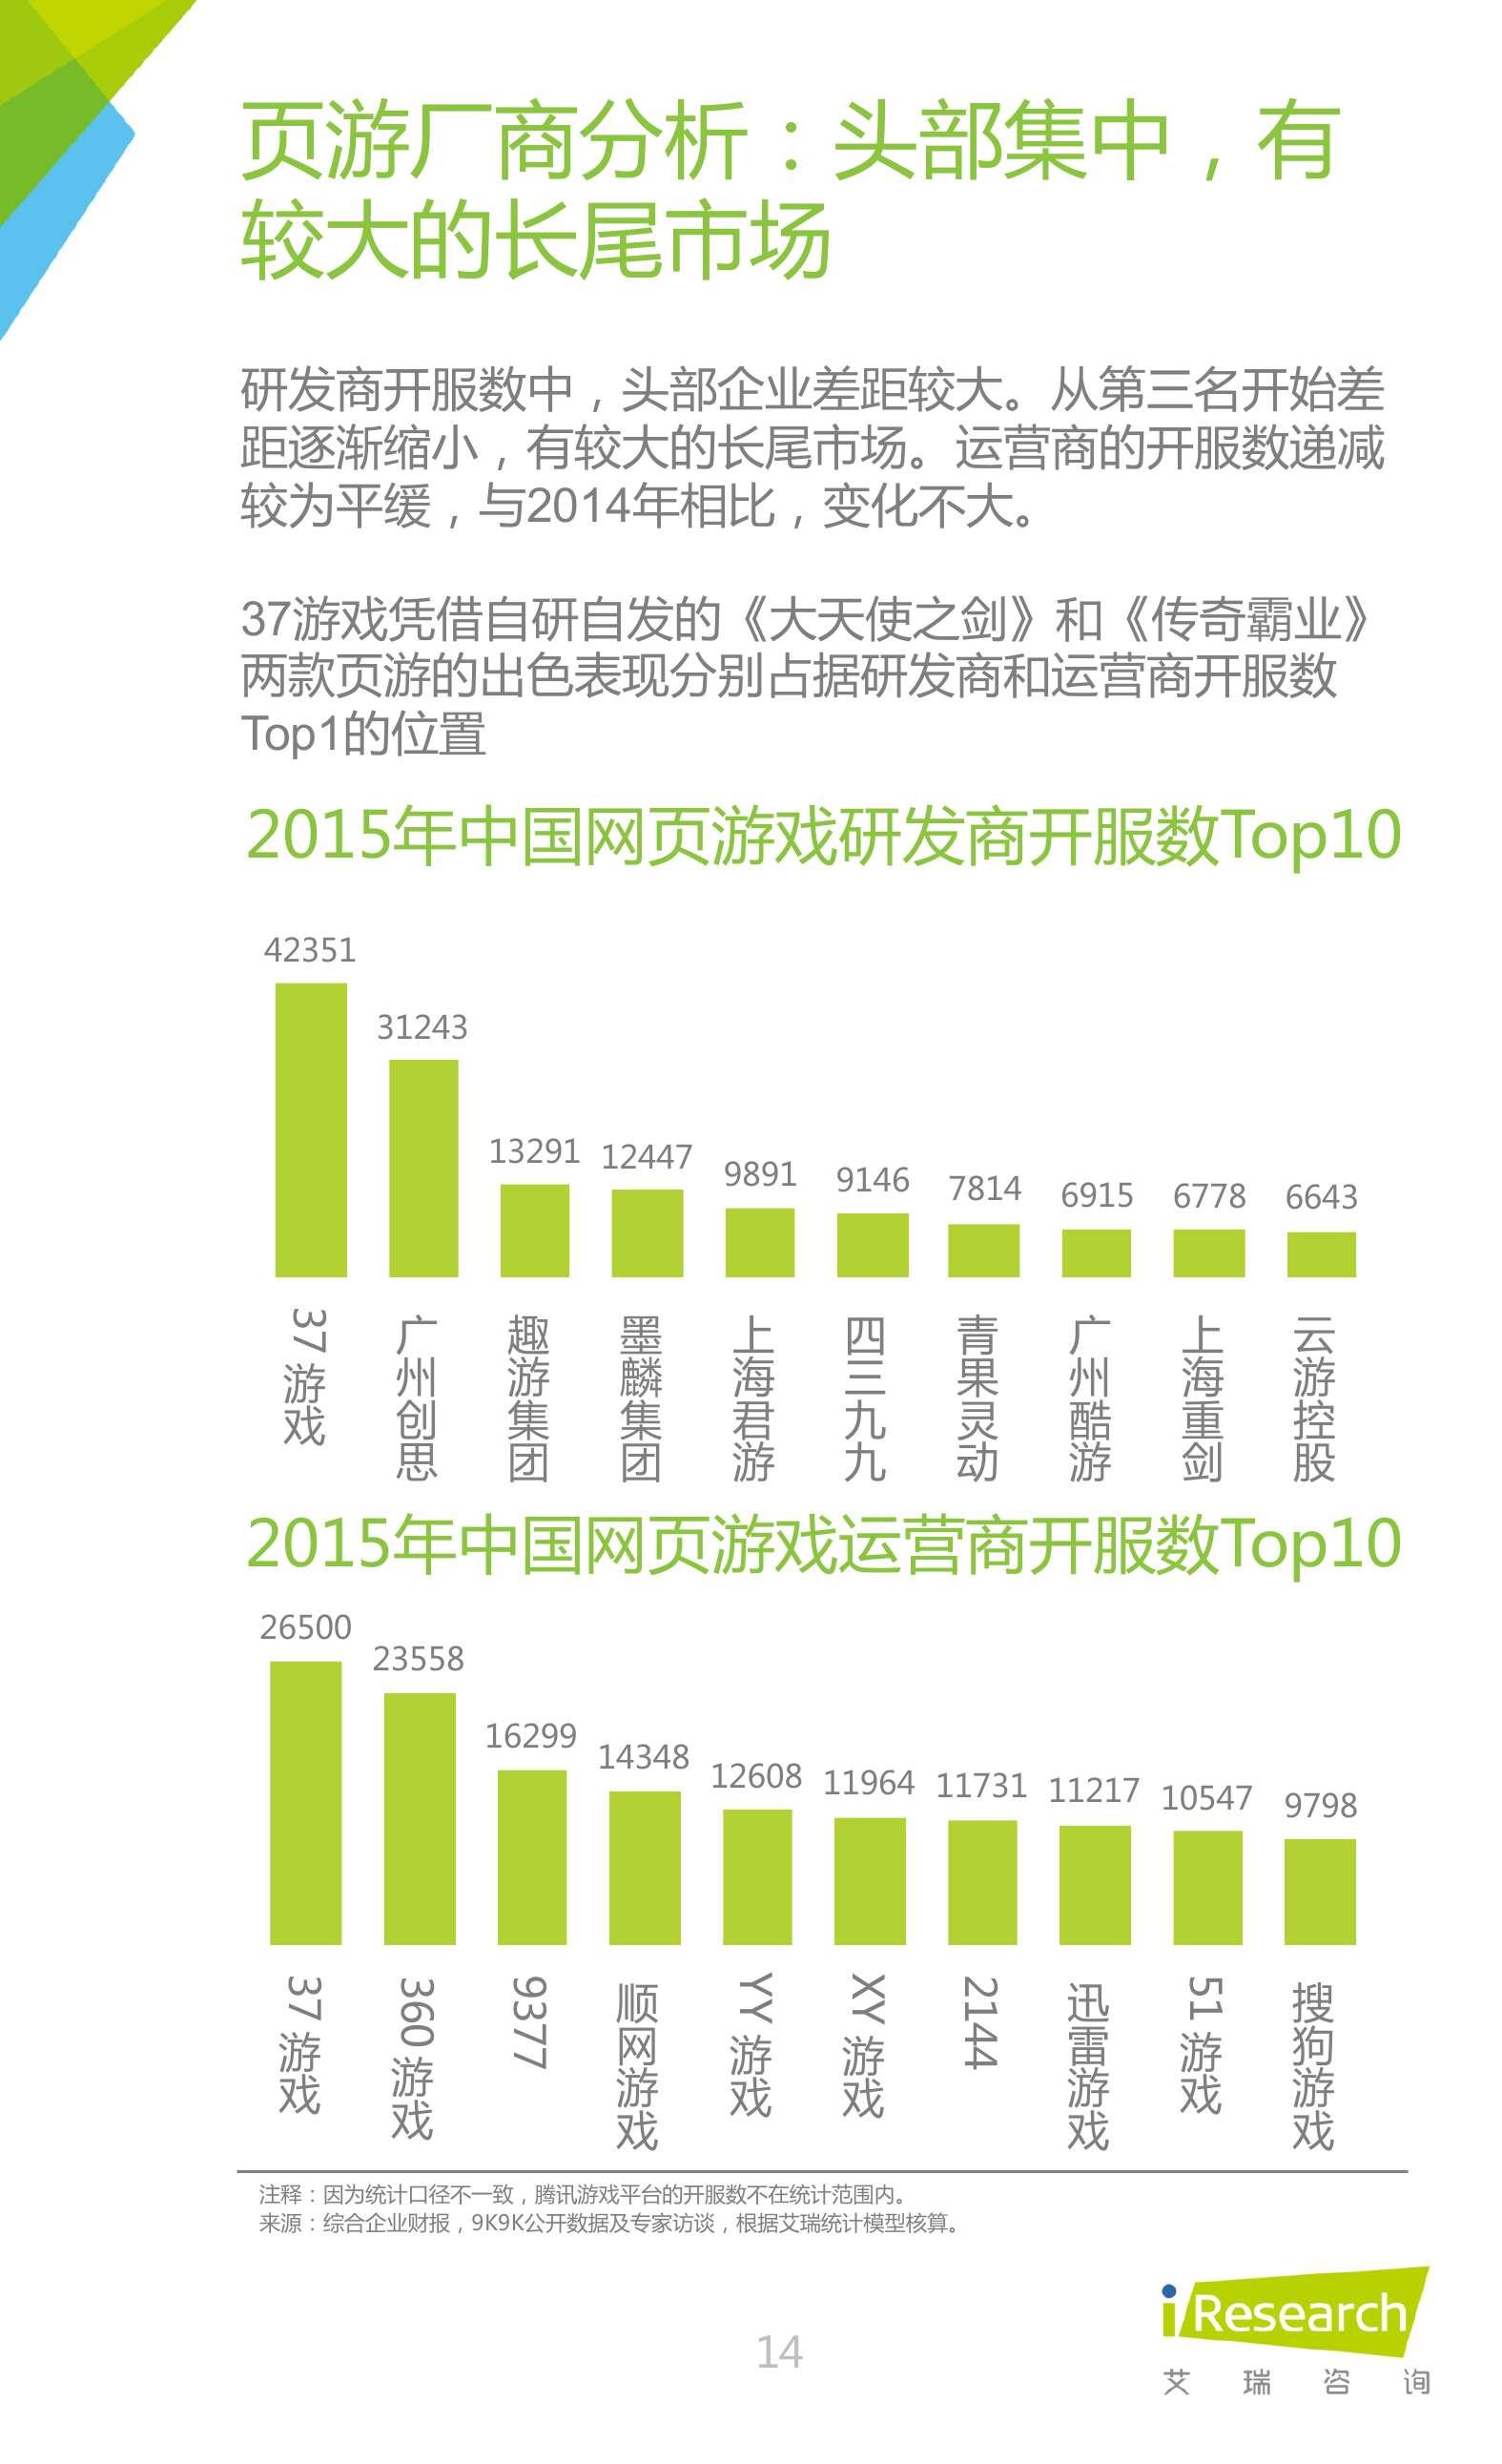 2016年中国网页游戏行业研究报告_000014